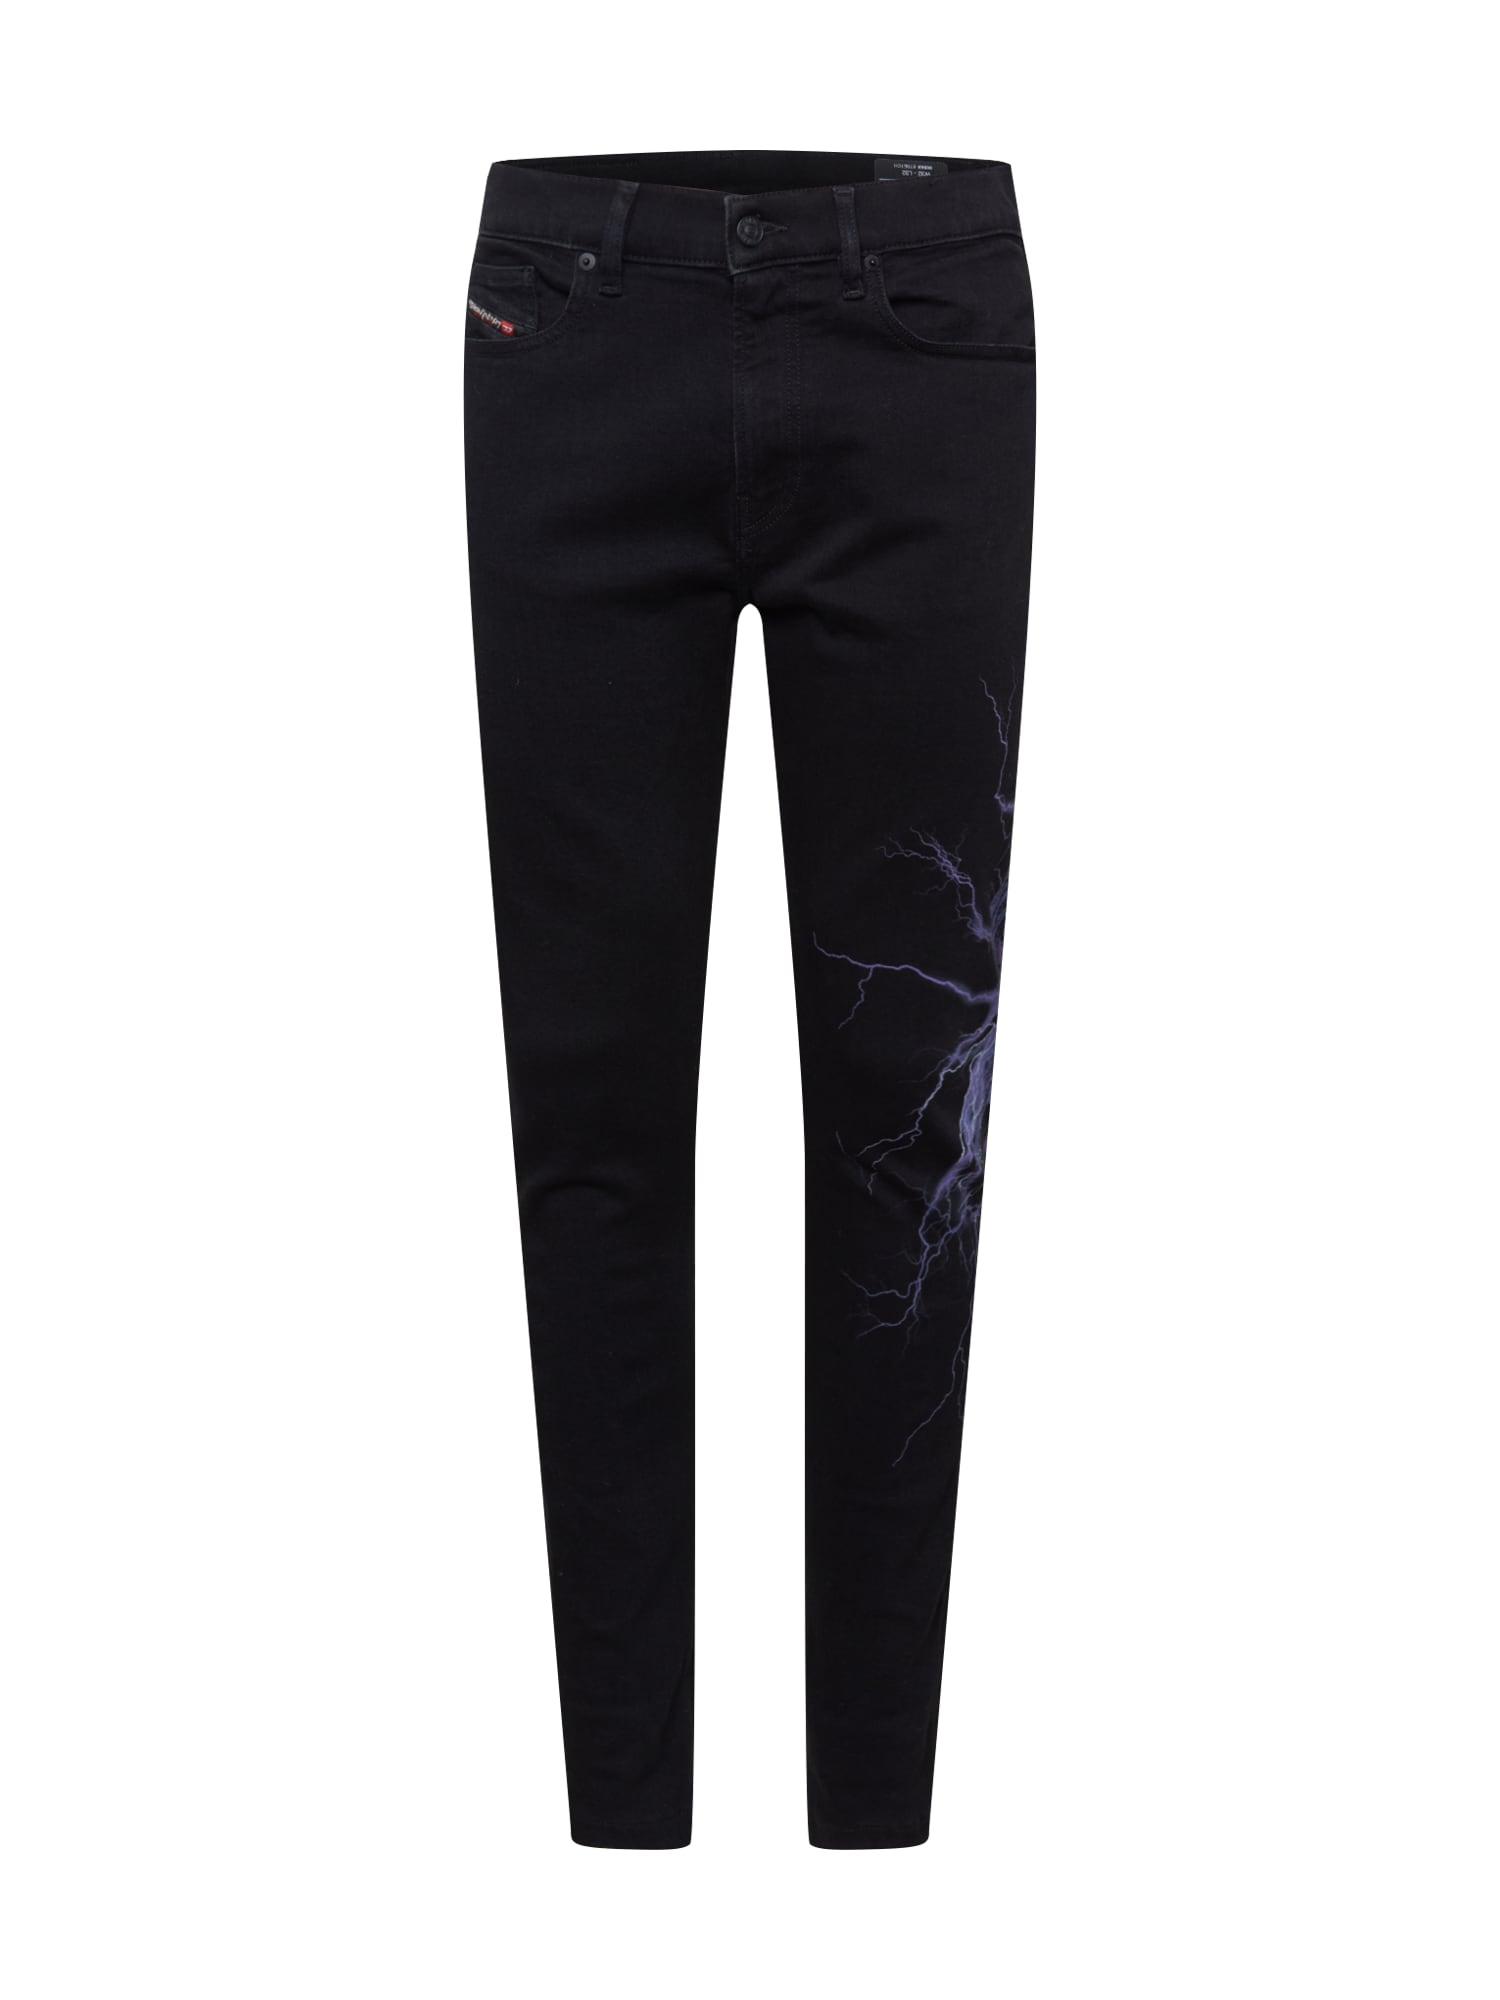 DIESEL Džíny 'D-AMNY-Y-SP'  černá / šeříková / světle fialová